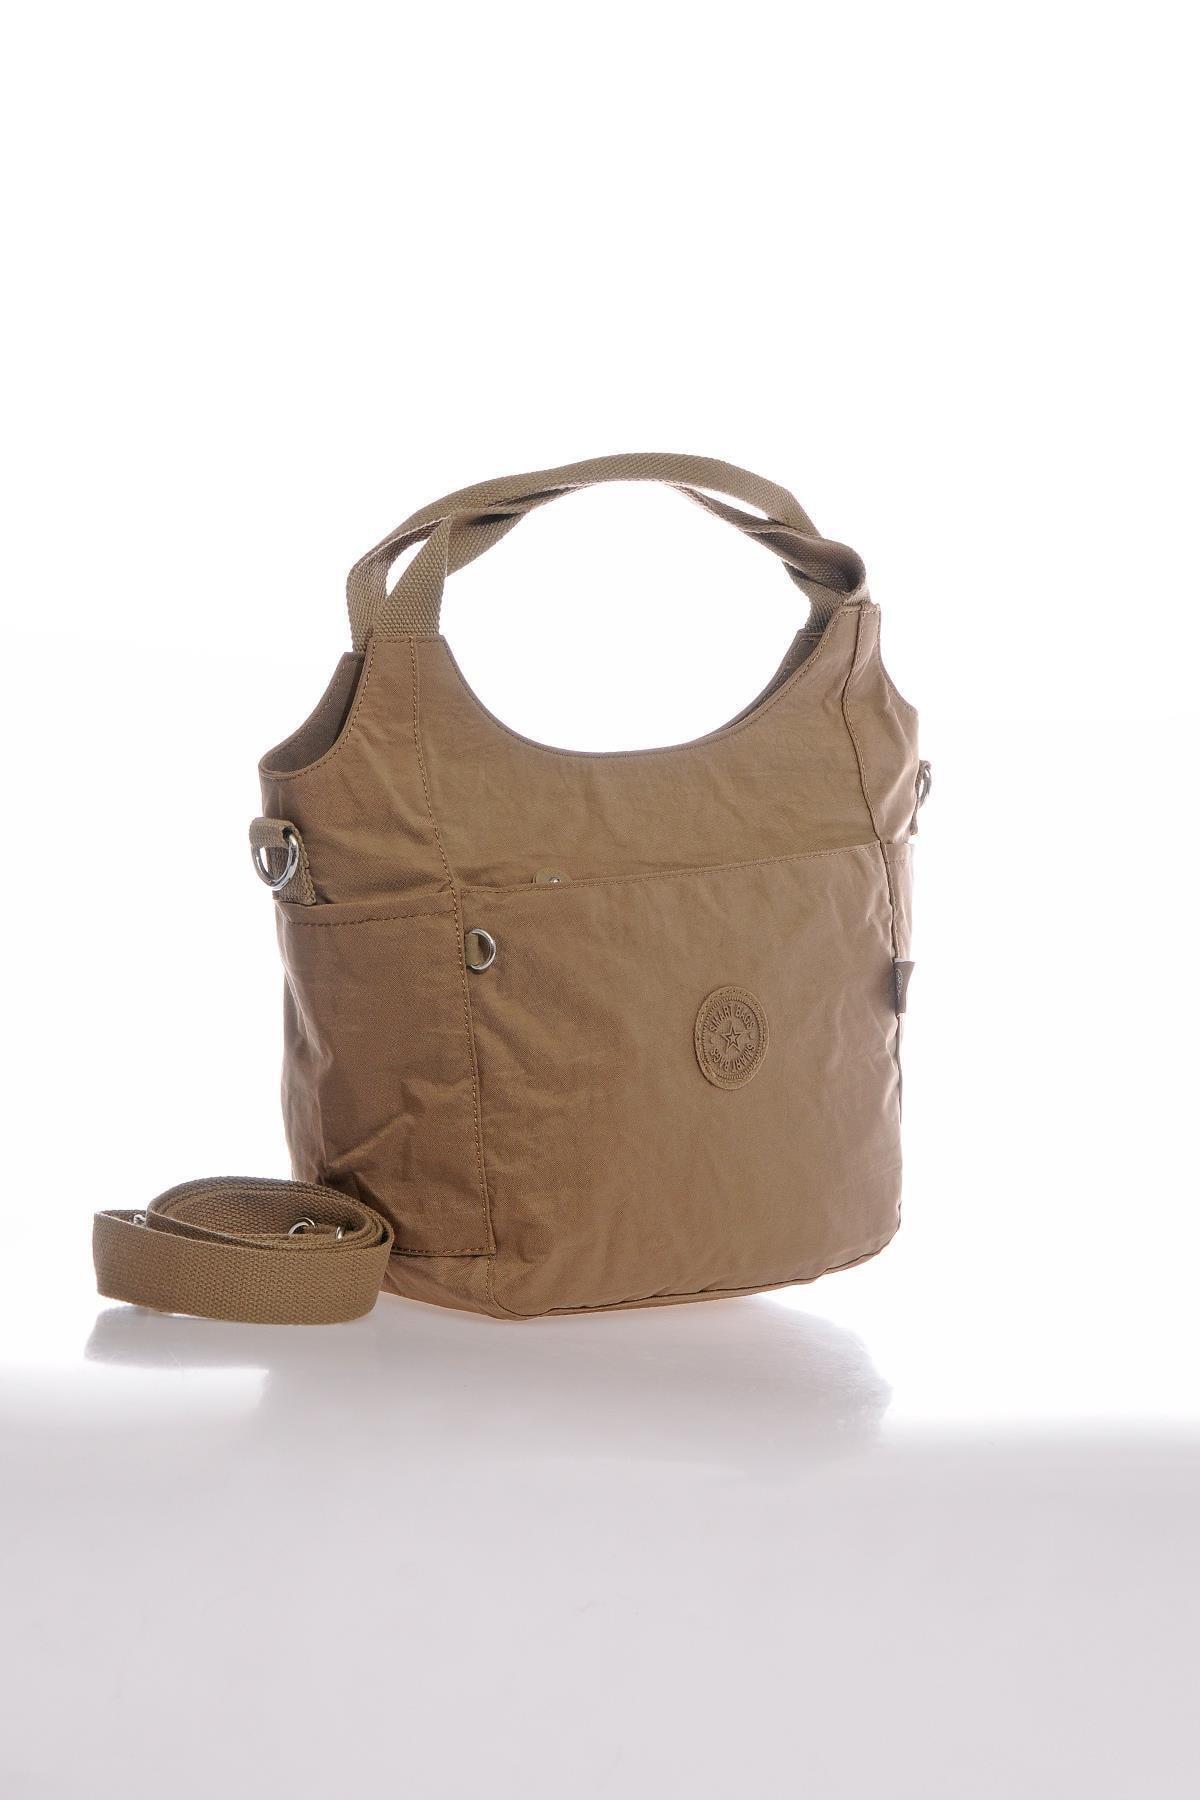 SMART BAGS Smb3079-0007 A.kahverengi Kadın Omuz Çantası 2